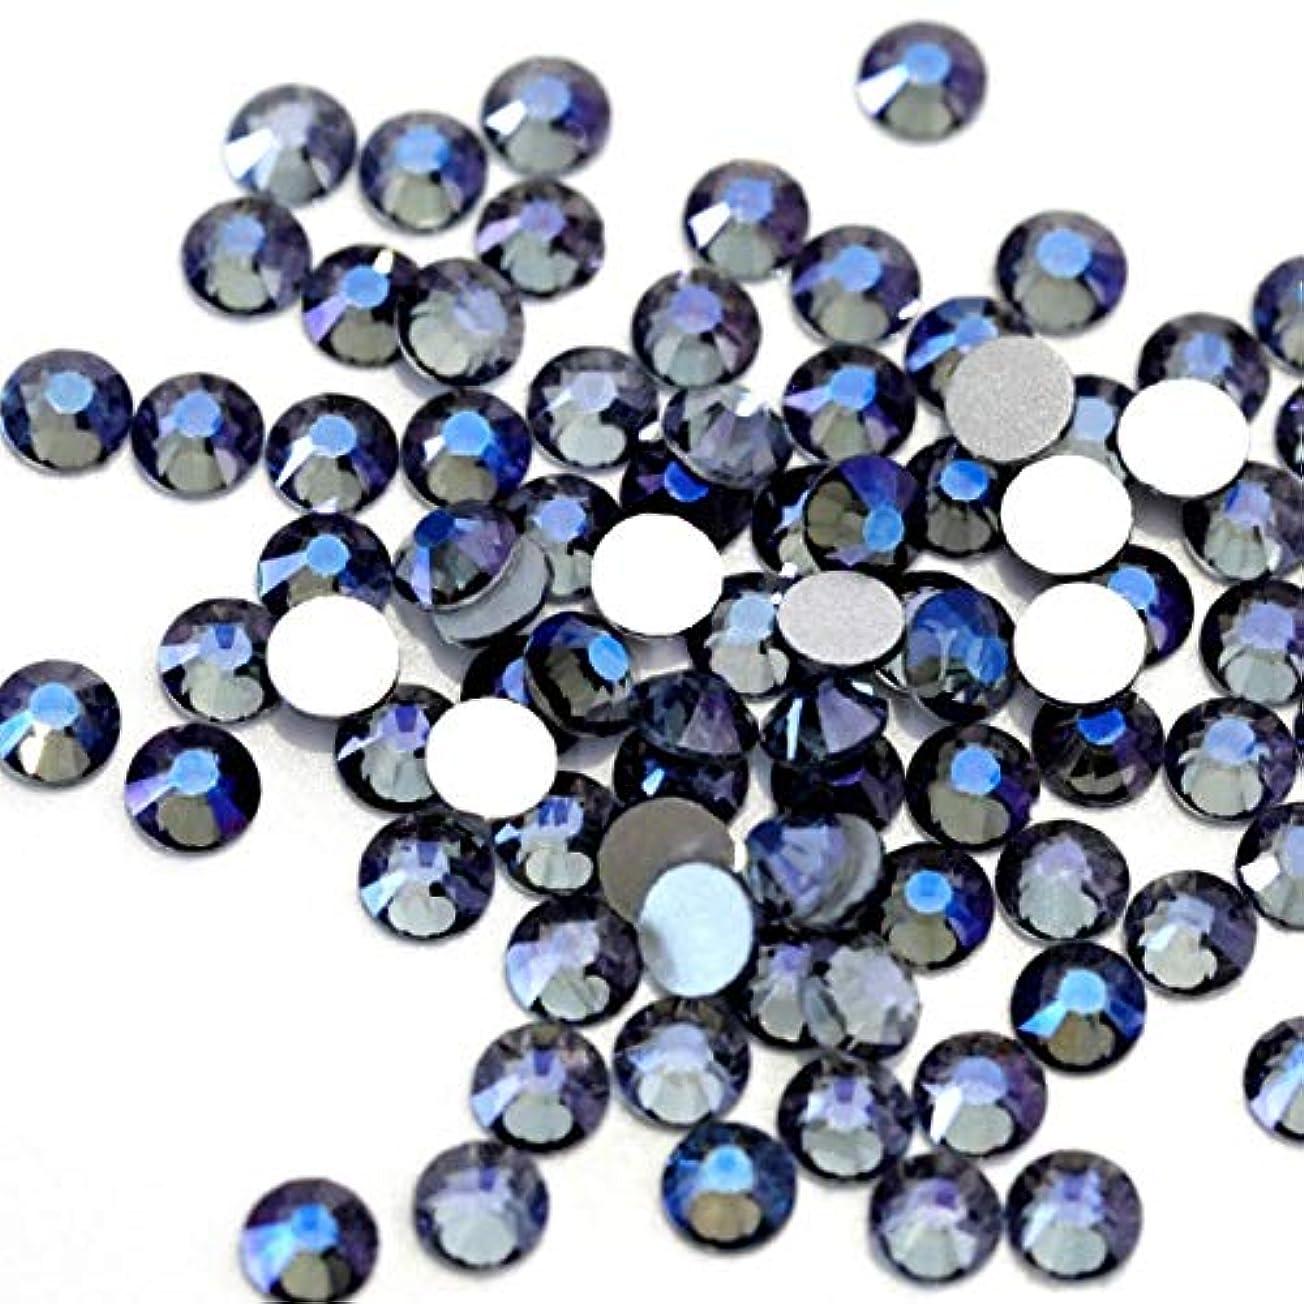 民間人グローの中で【ラインストーン77】高品質ガラス製ラインストーン 色/サイズ選択可 SS3~SS50 スワロフスキー同等 (パープルゴースト, SS10:約2.6mm(約200粒))